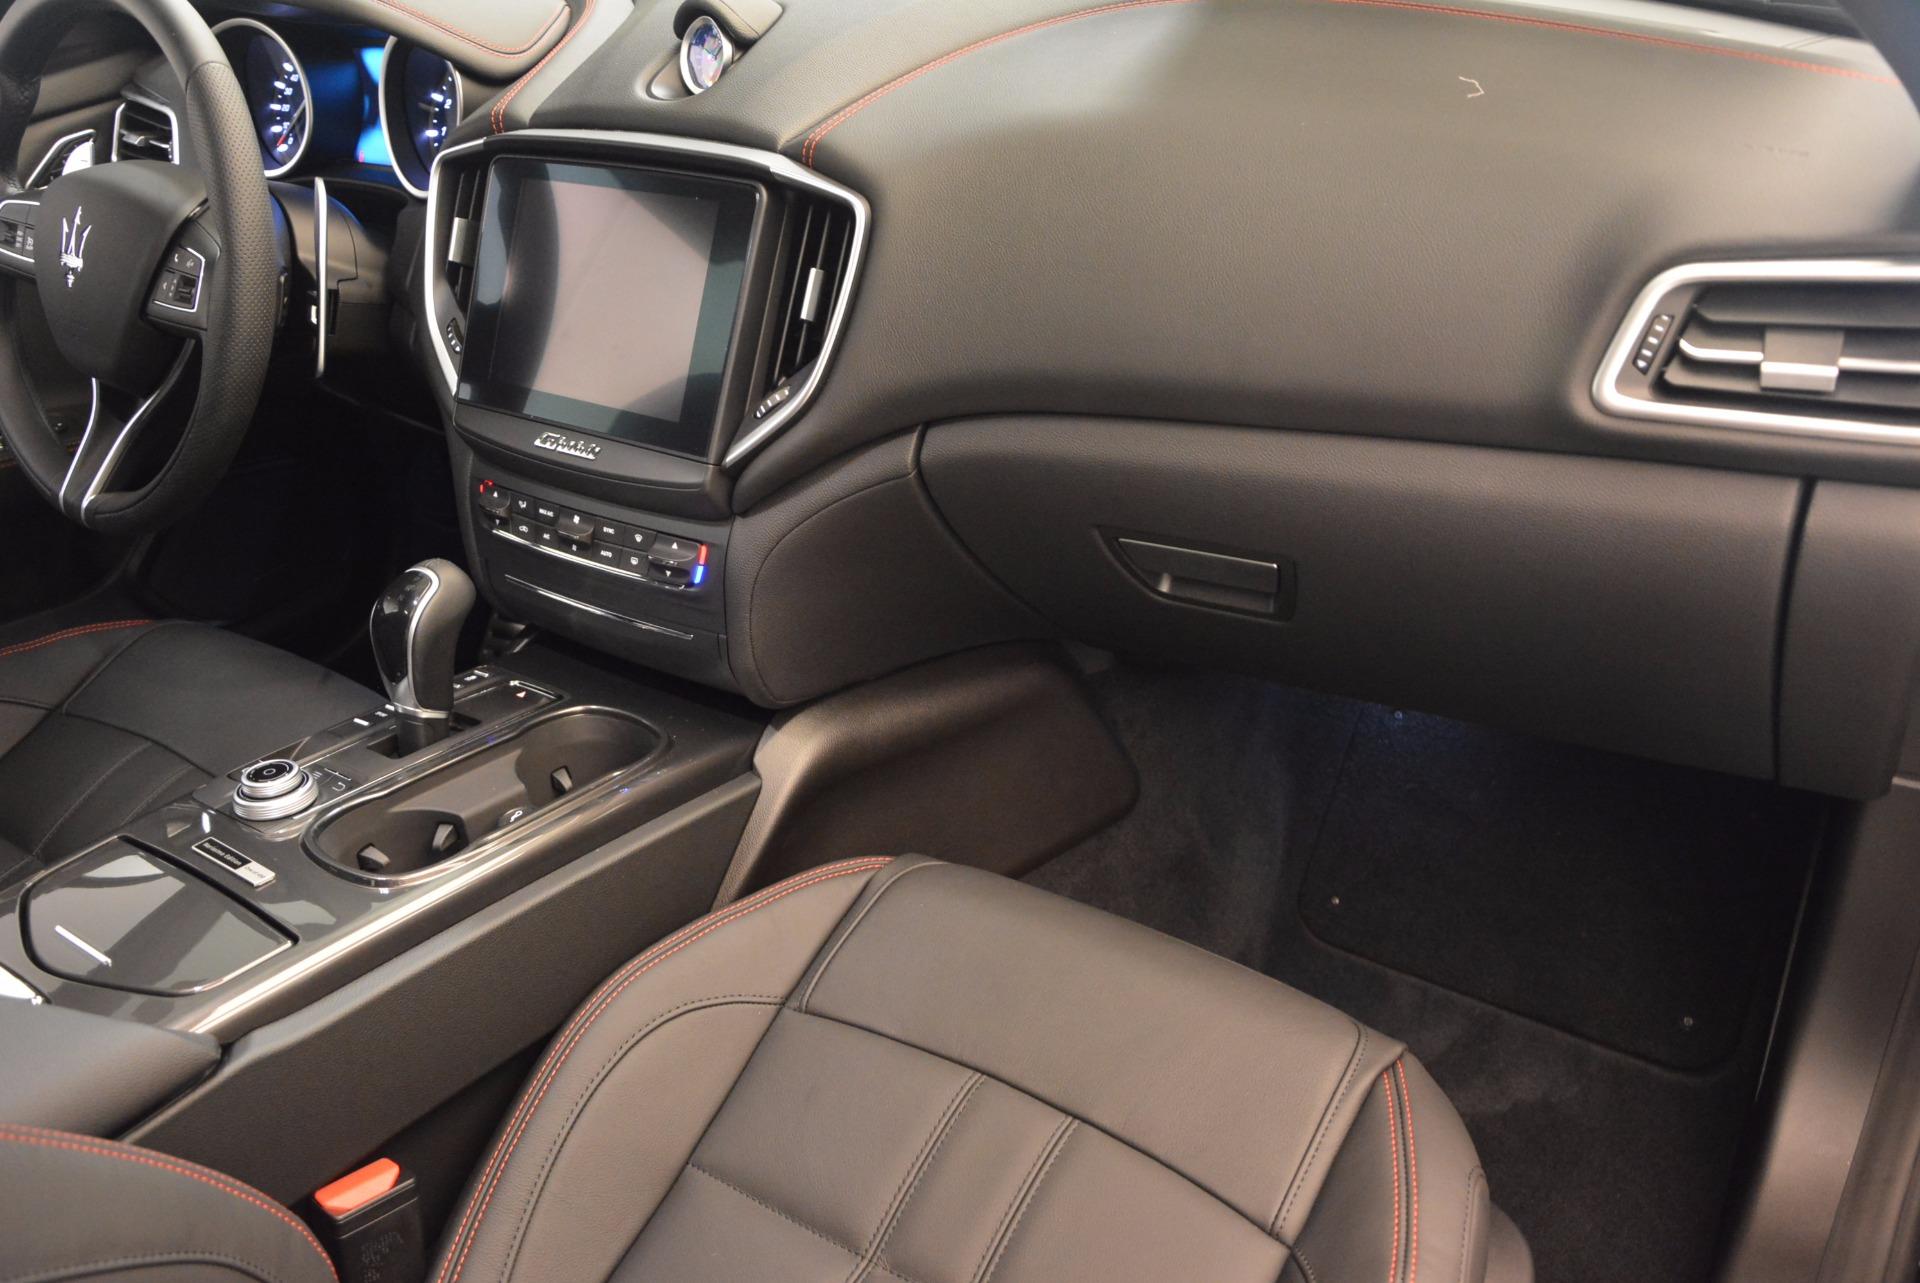 New 2017 Maserati Ghibli SQ4 S Q4 Nerissimo Edition For Sale 0 In Greenwich, CT